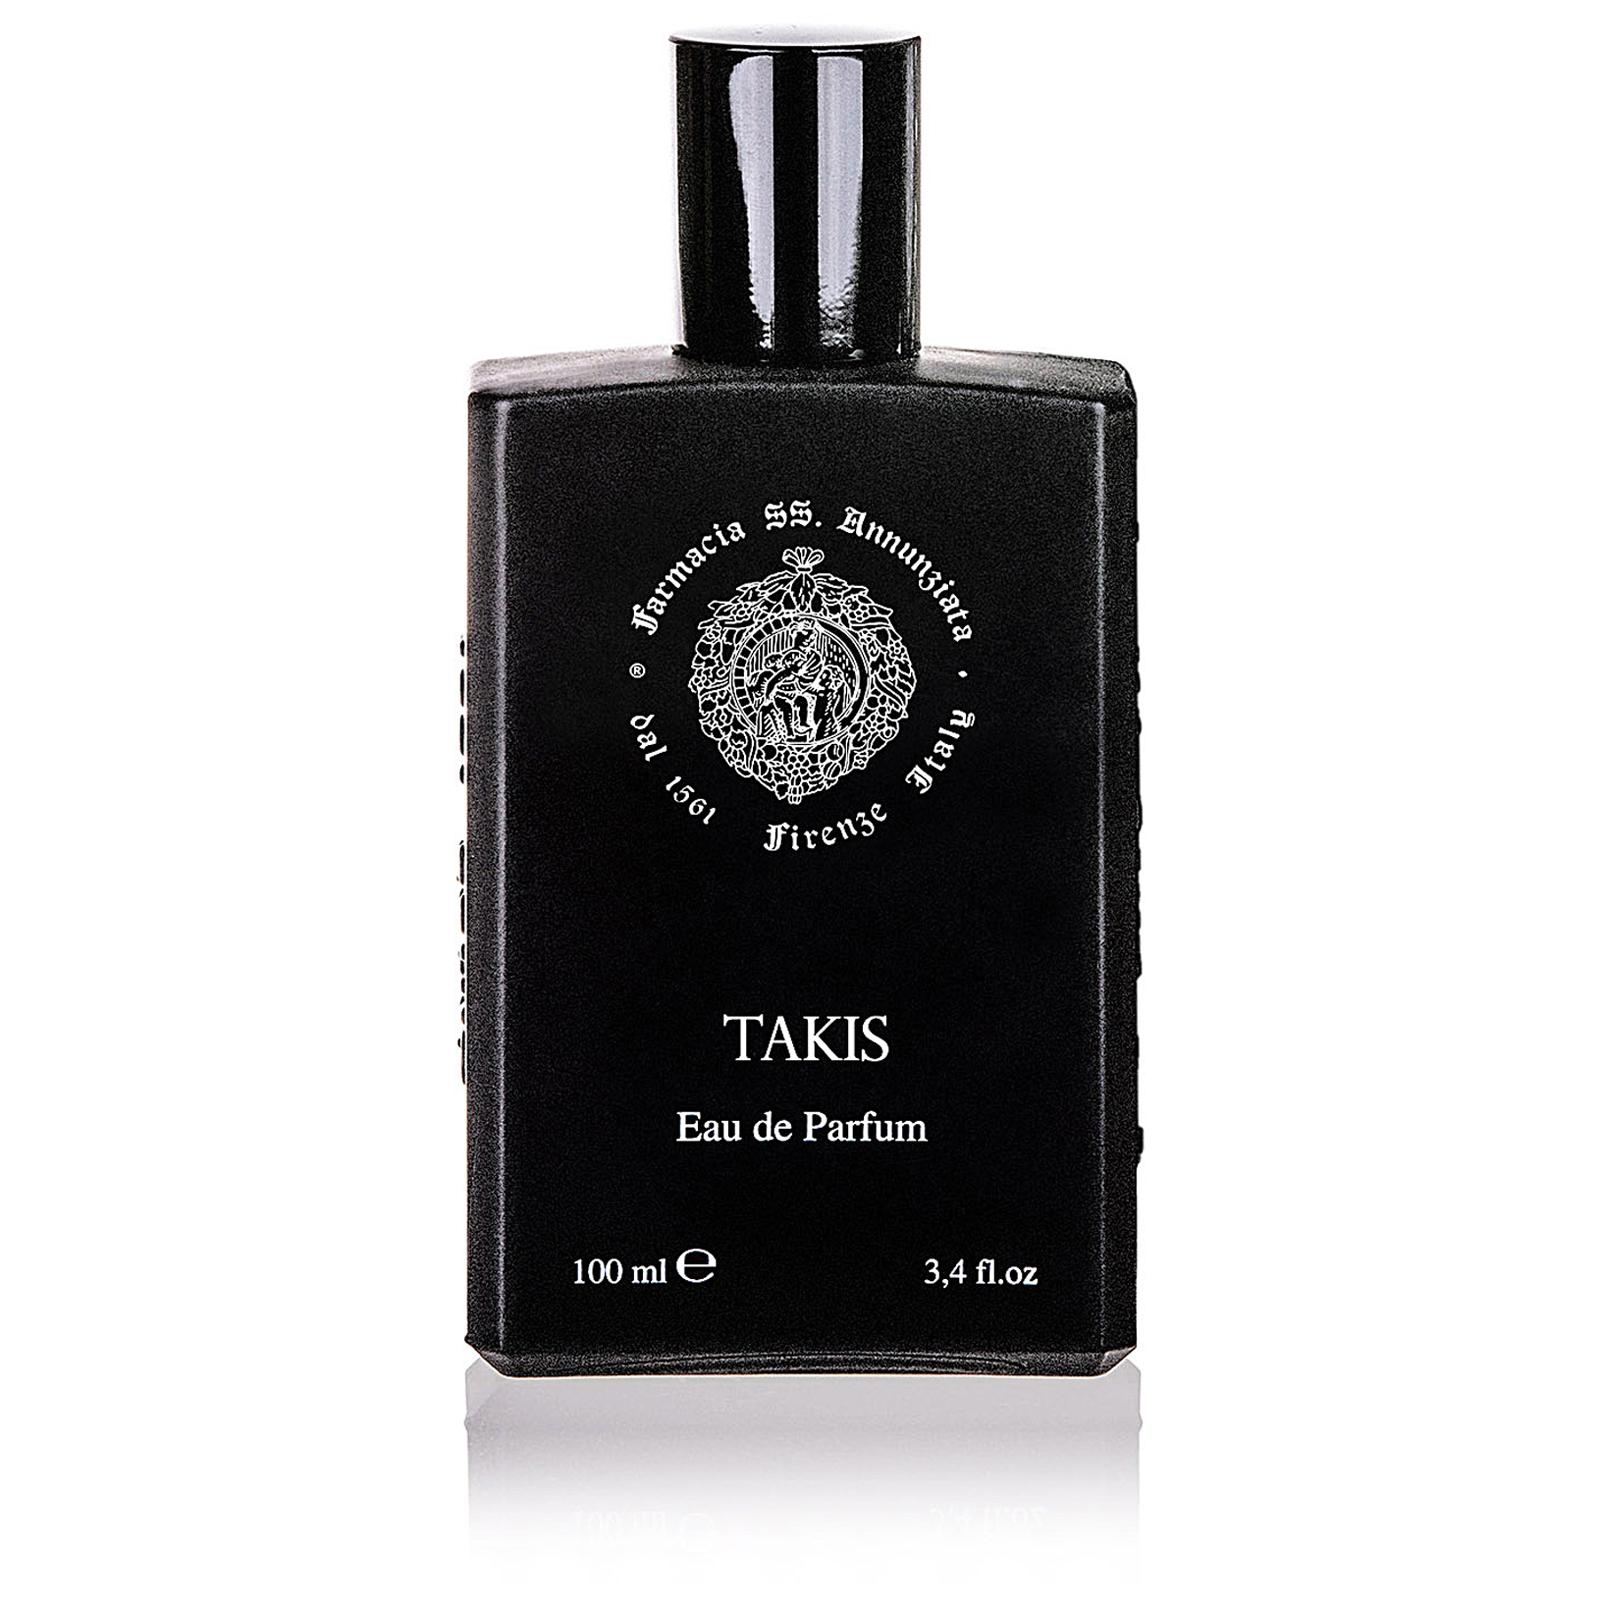 FARMACIA SS. ANNUNZIATA Takis Perfume Eau De Parfum 100 Ml in Black